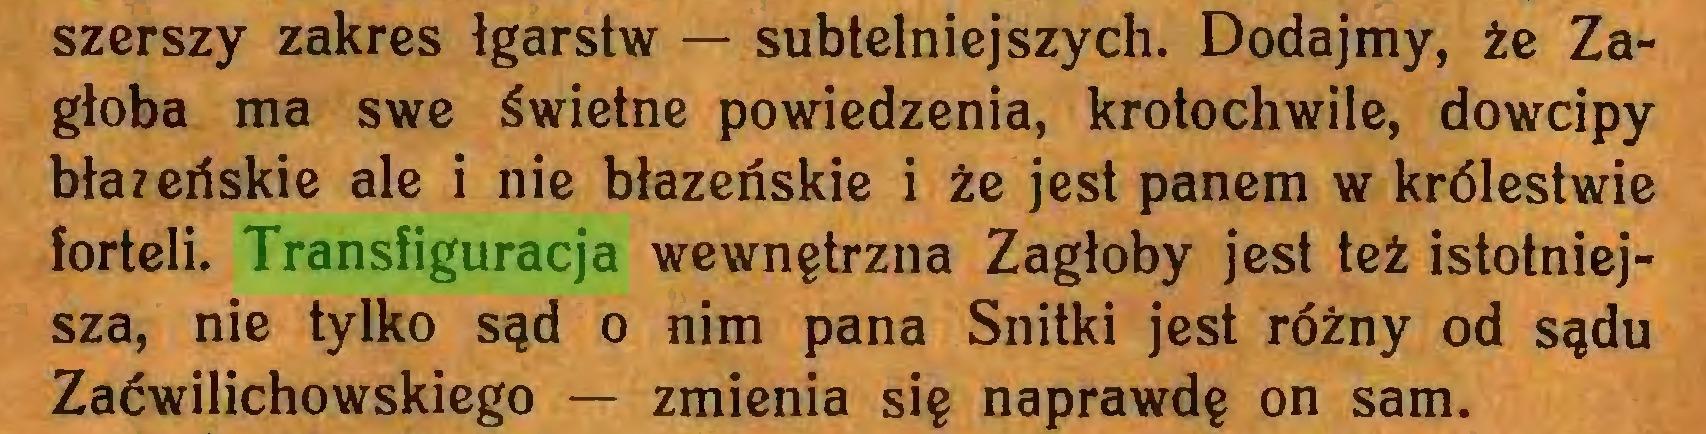 (...) szerszy zakres łgarstw — subtelniejszych. Dodajmy, że Zagłoba ma swe świetne powiedzenia, krotochwile, dowcipy błazeńskie ale i nie błazeńskie i że jest panem w królestwie forteli. Transfiguracja wewnętrzna Zagłoby jest też istotniejsza, nie tylko sąd o nim pana Snitki jest różny od sądu Zaćwilichowskiego — zmienia się naprawdę on sam...